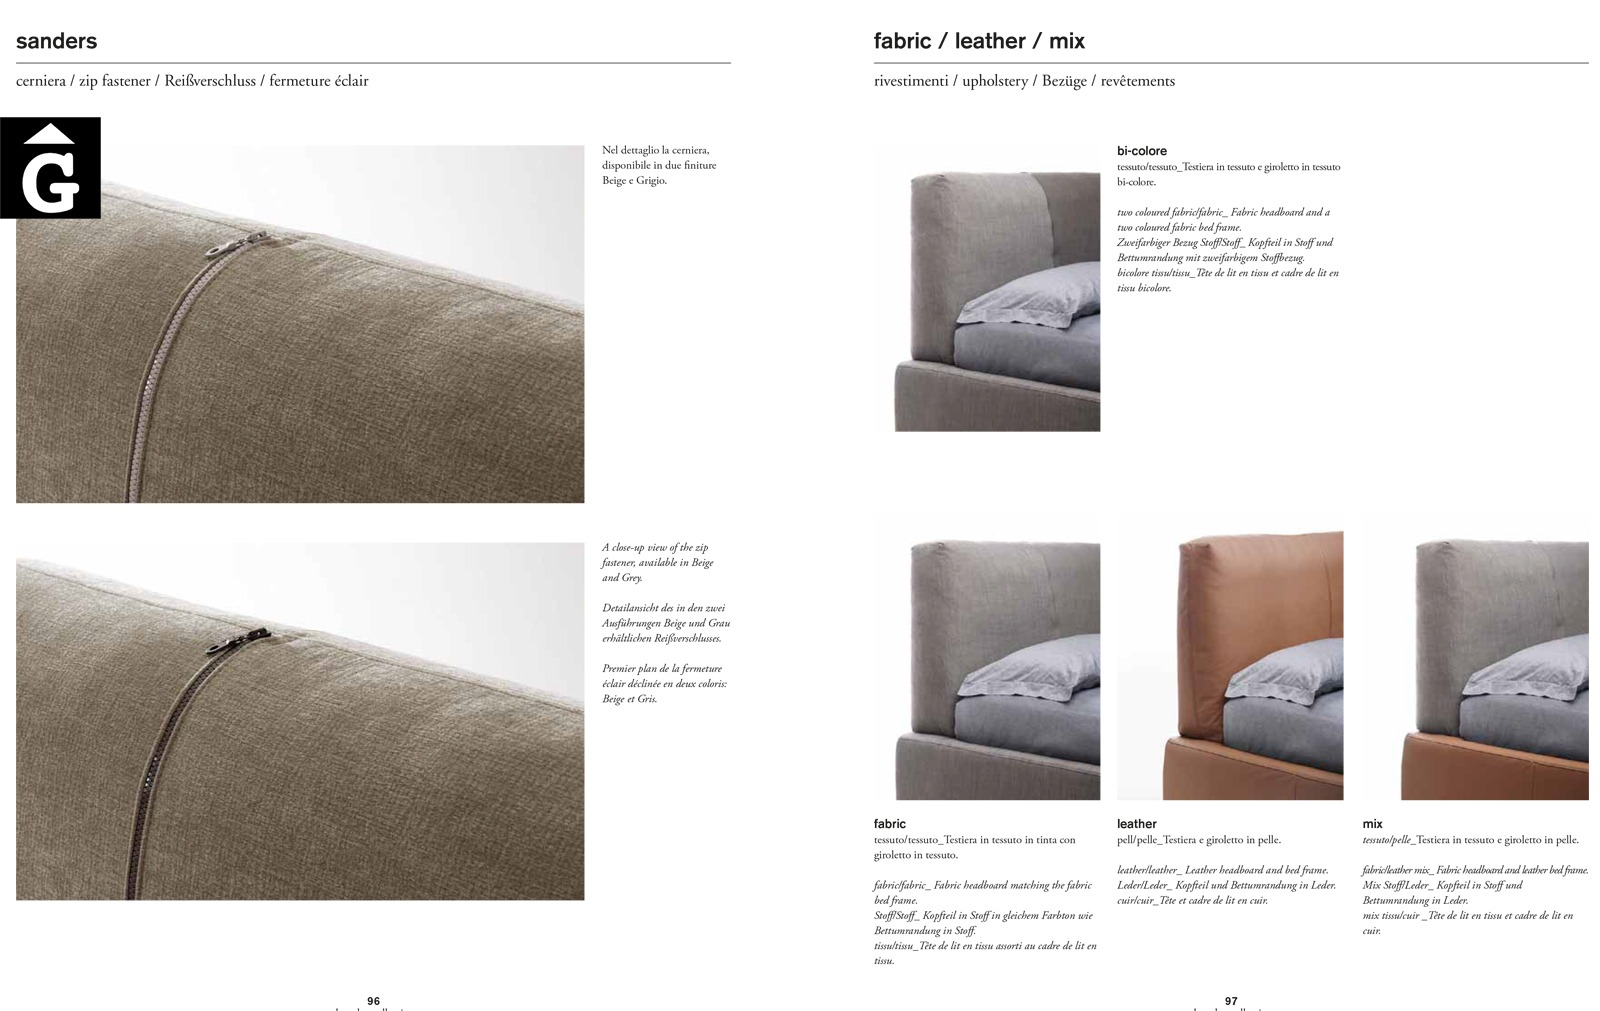 Sanders llit entapissat opcions - Ditre Italia llits entapissats disseny i qualitat alta by mobles Gifreu